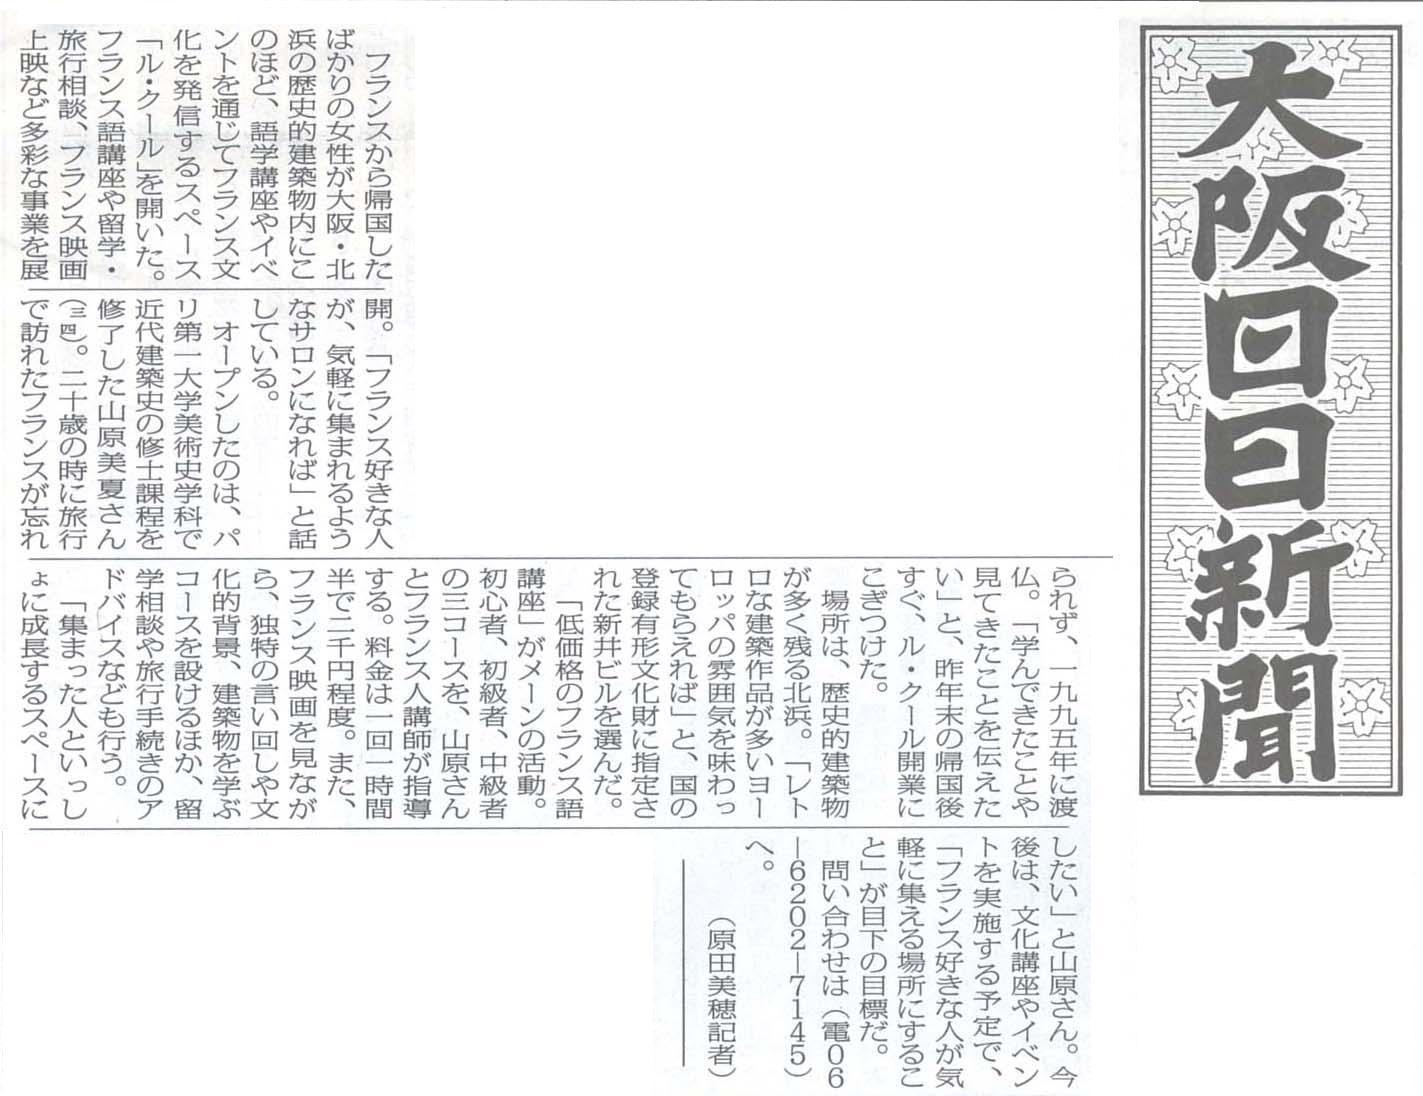 2003年3月31日 大阪日日新聞_f0188061_5543827.jpg